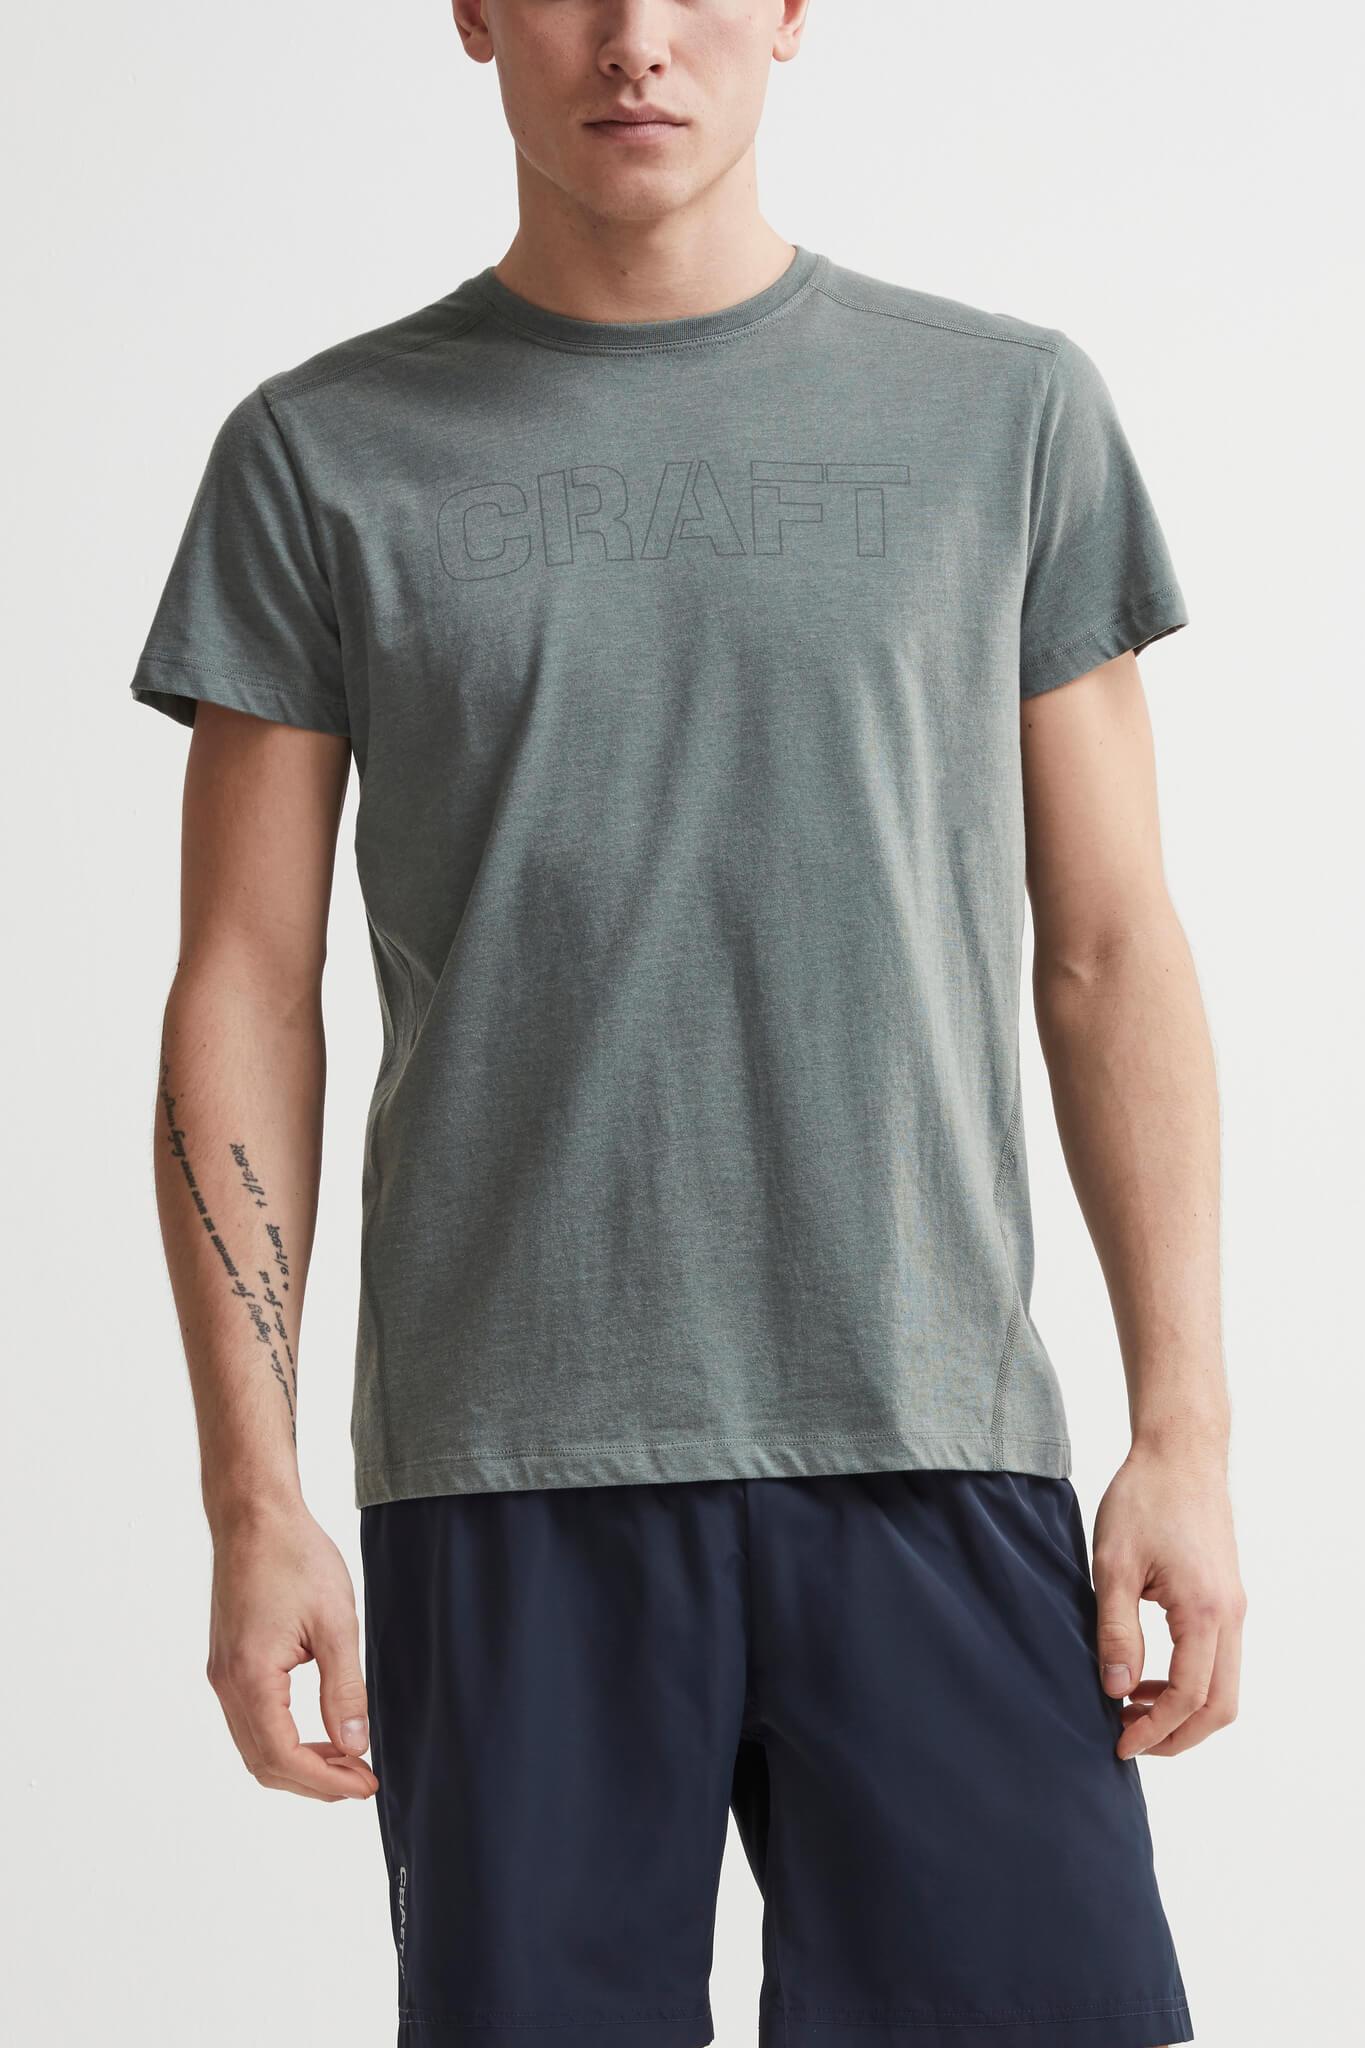 Craft Deft 2.0 футболка мужская - 2